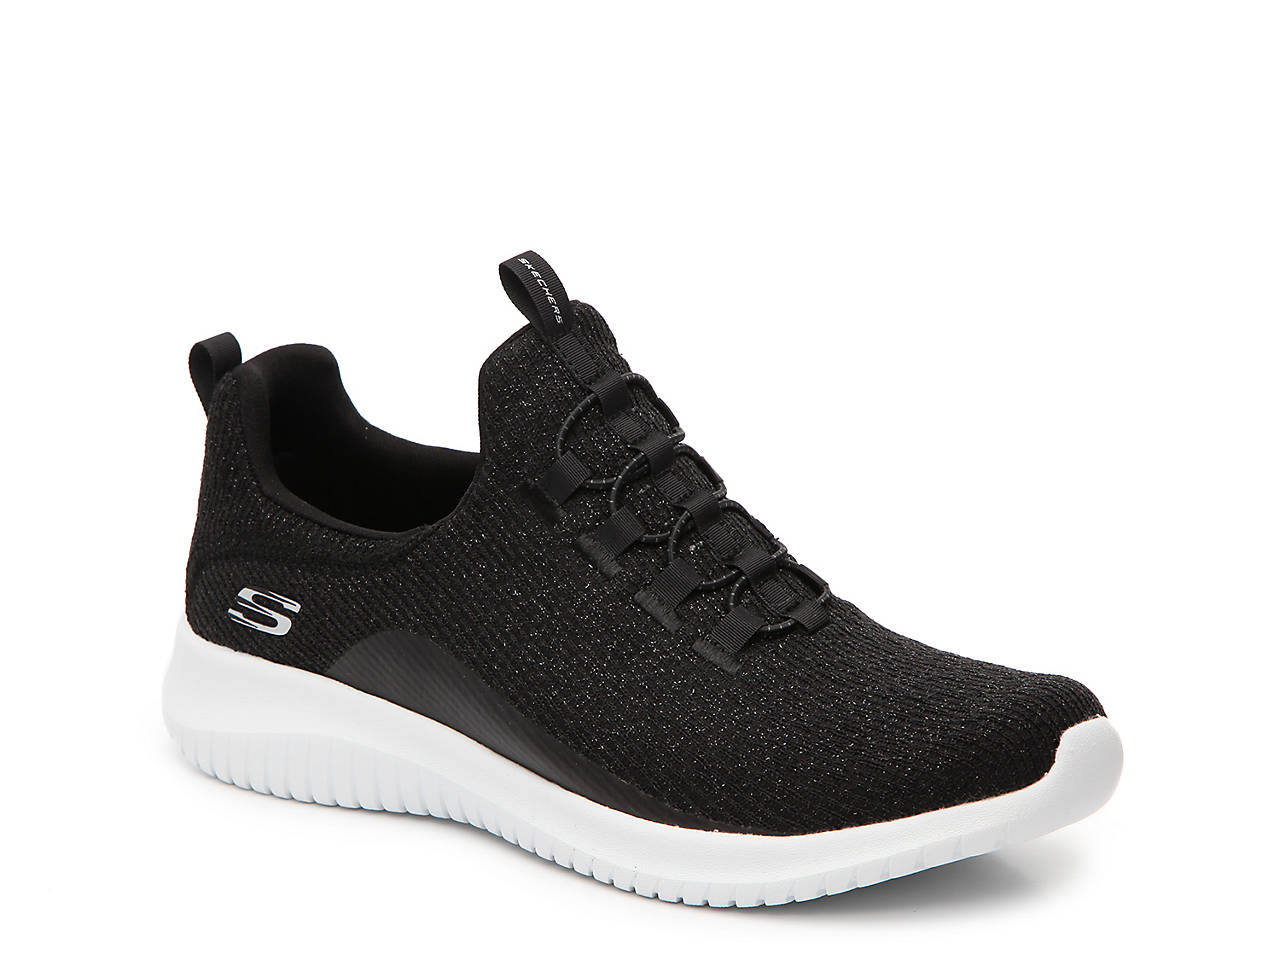 097db9d52b20 Skechers Ultra Flex Slip-On Sneaker - Women s Women s Shoes